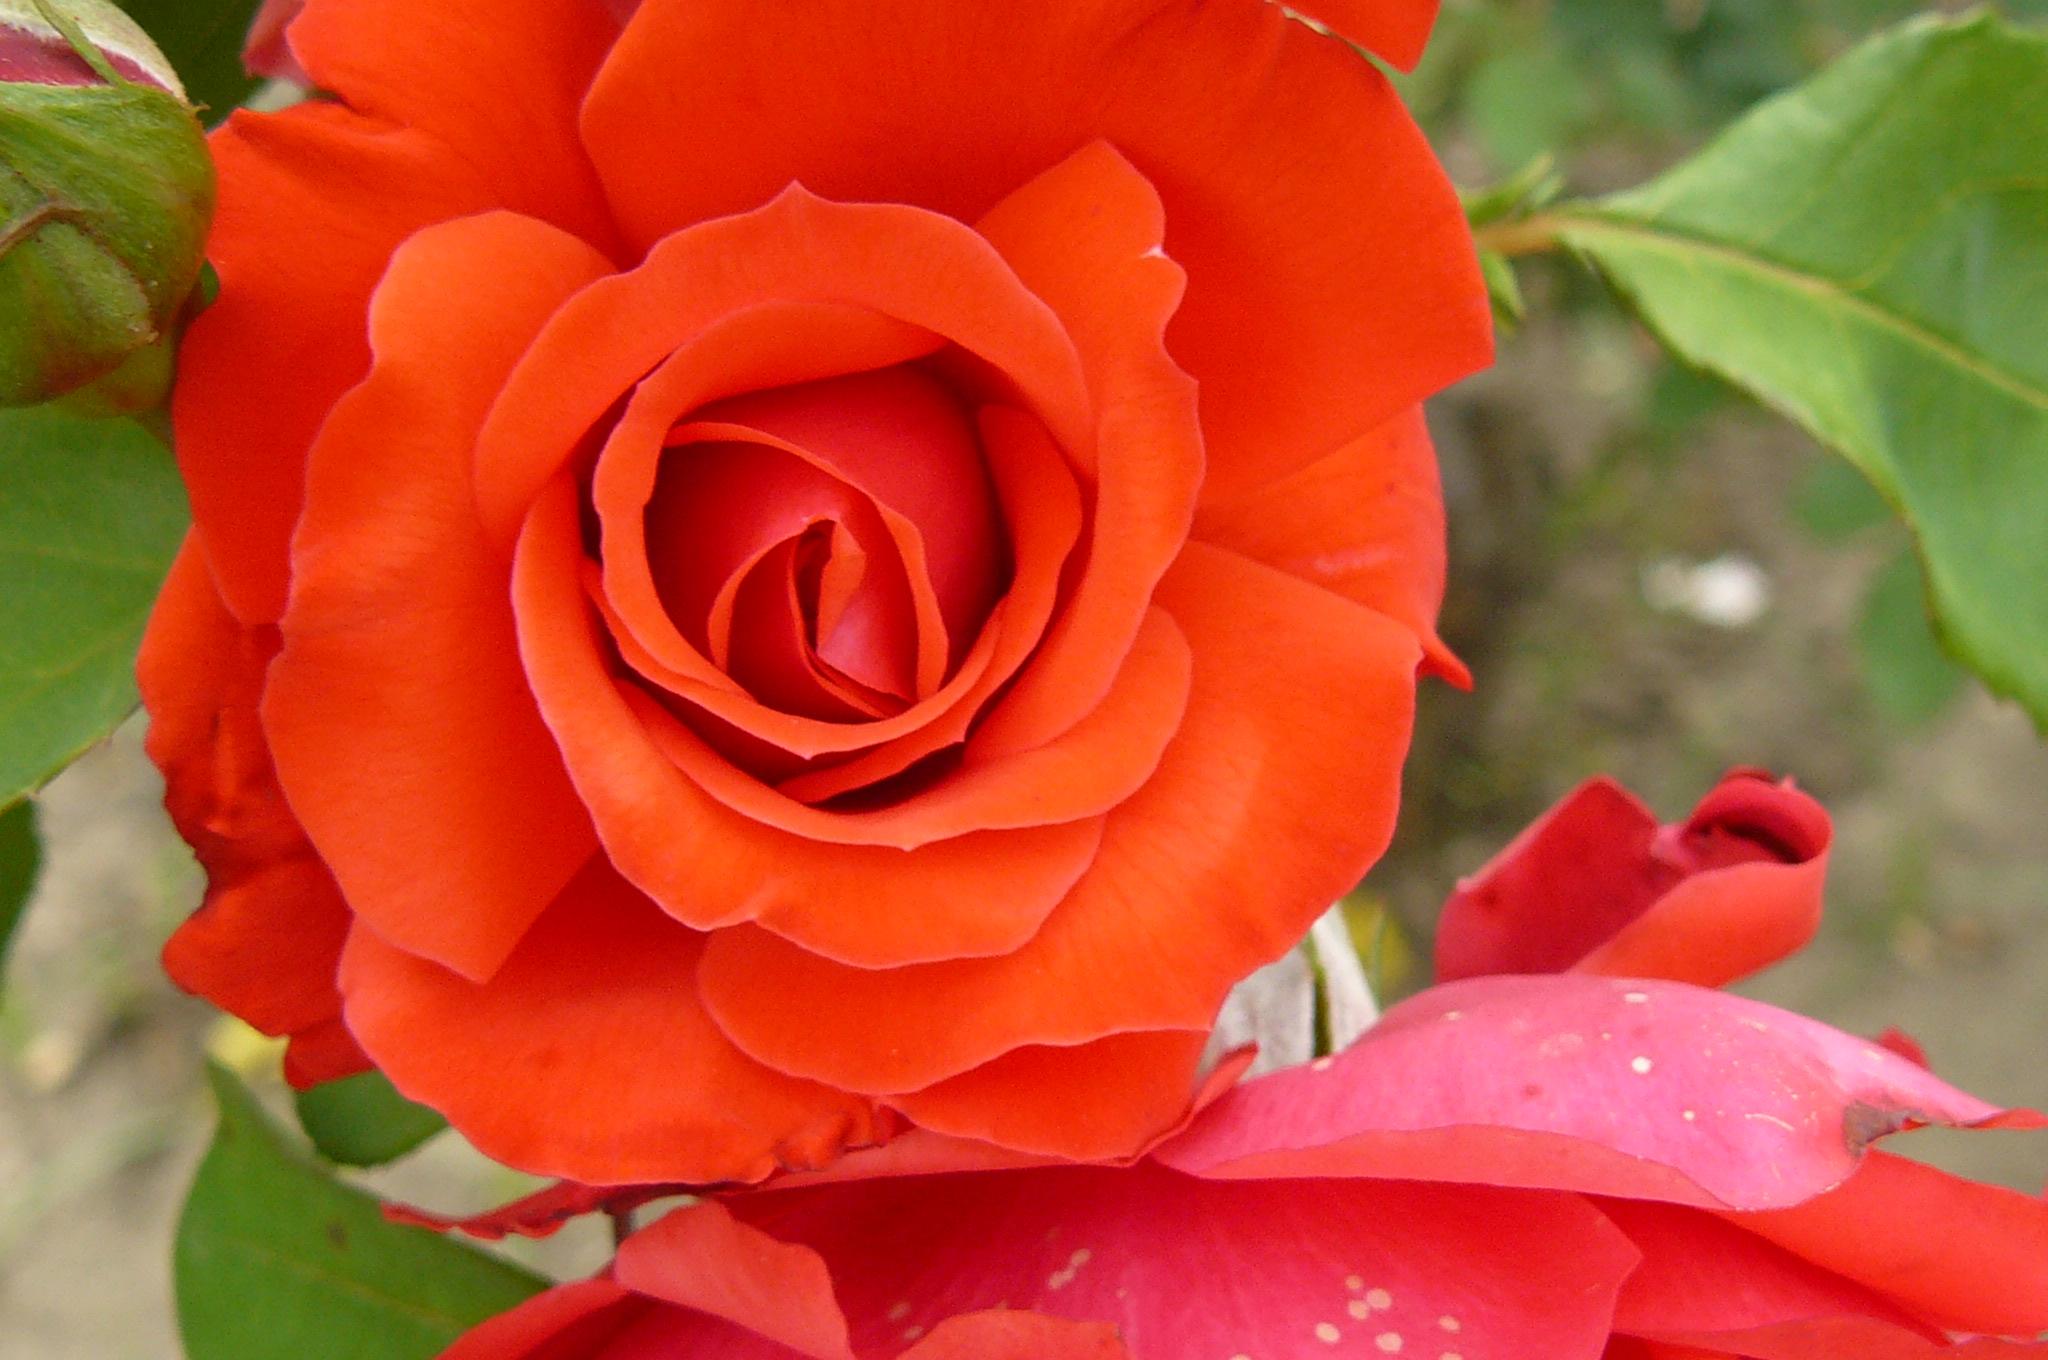 IMÁGENES DE FLORES rosas, margaritas, cláveles y más